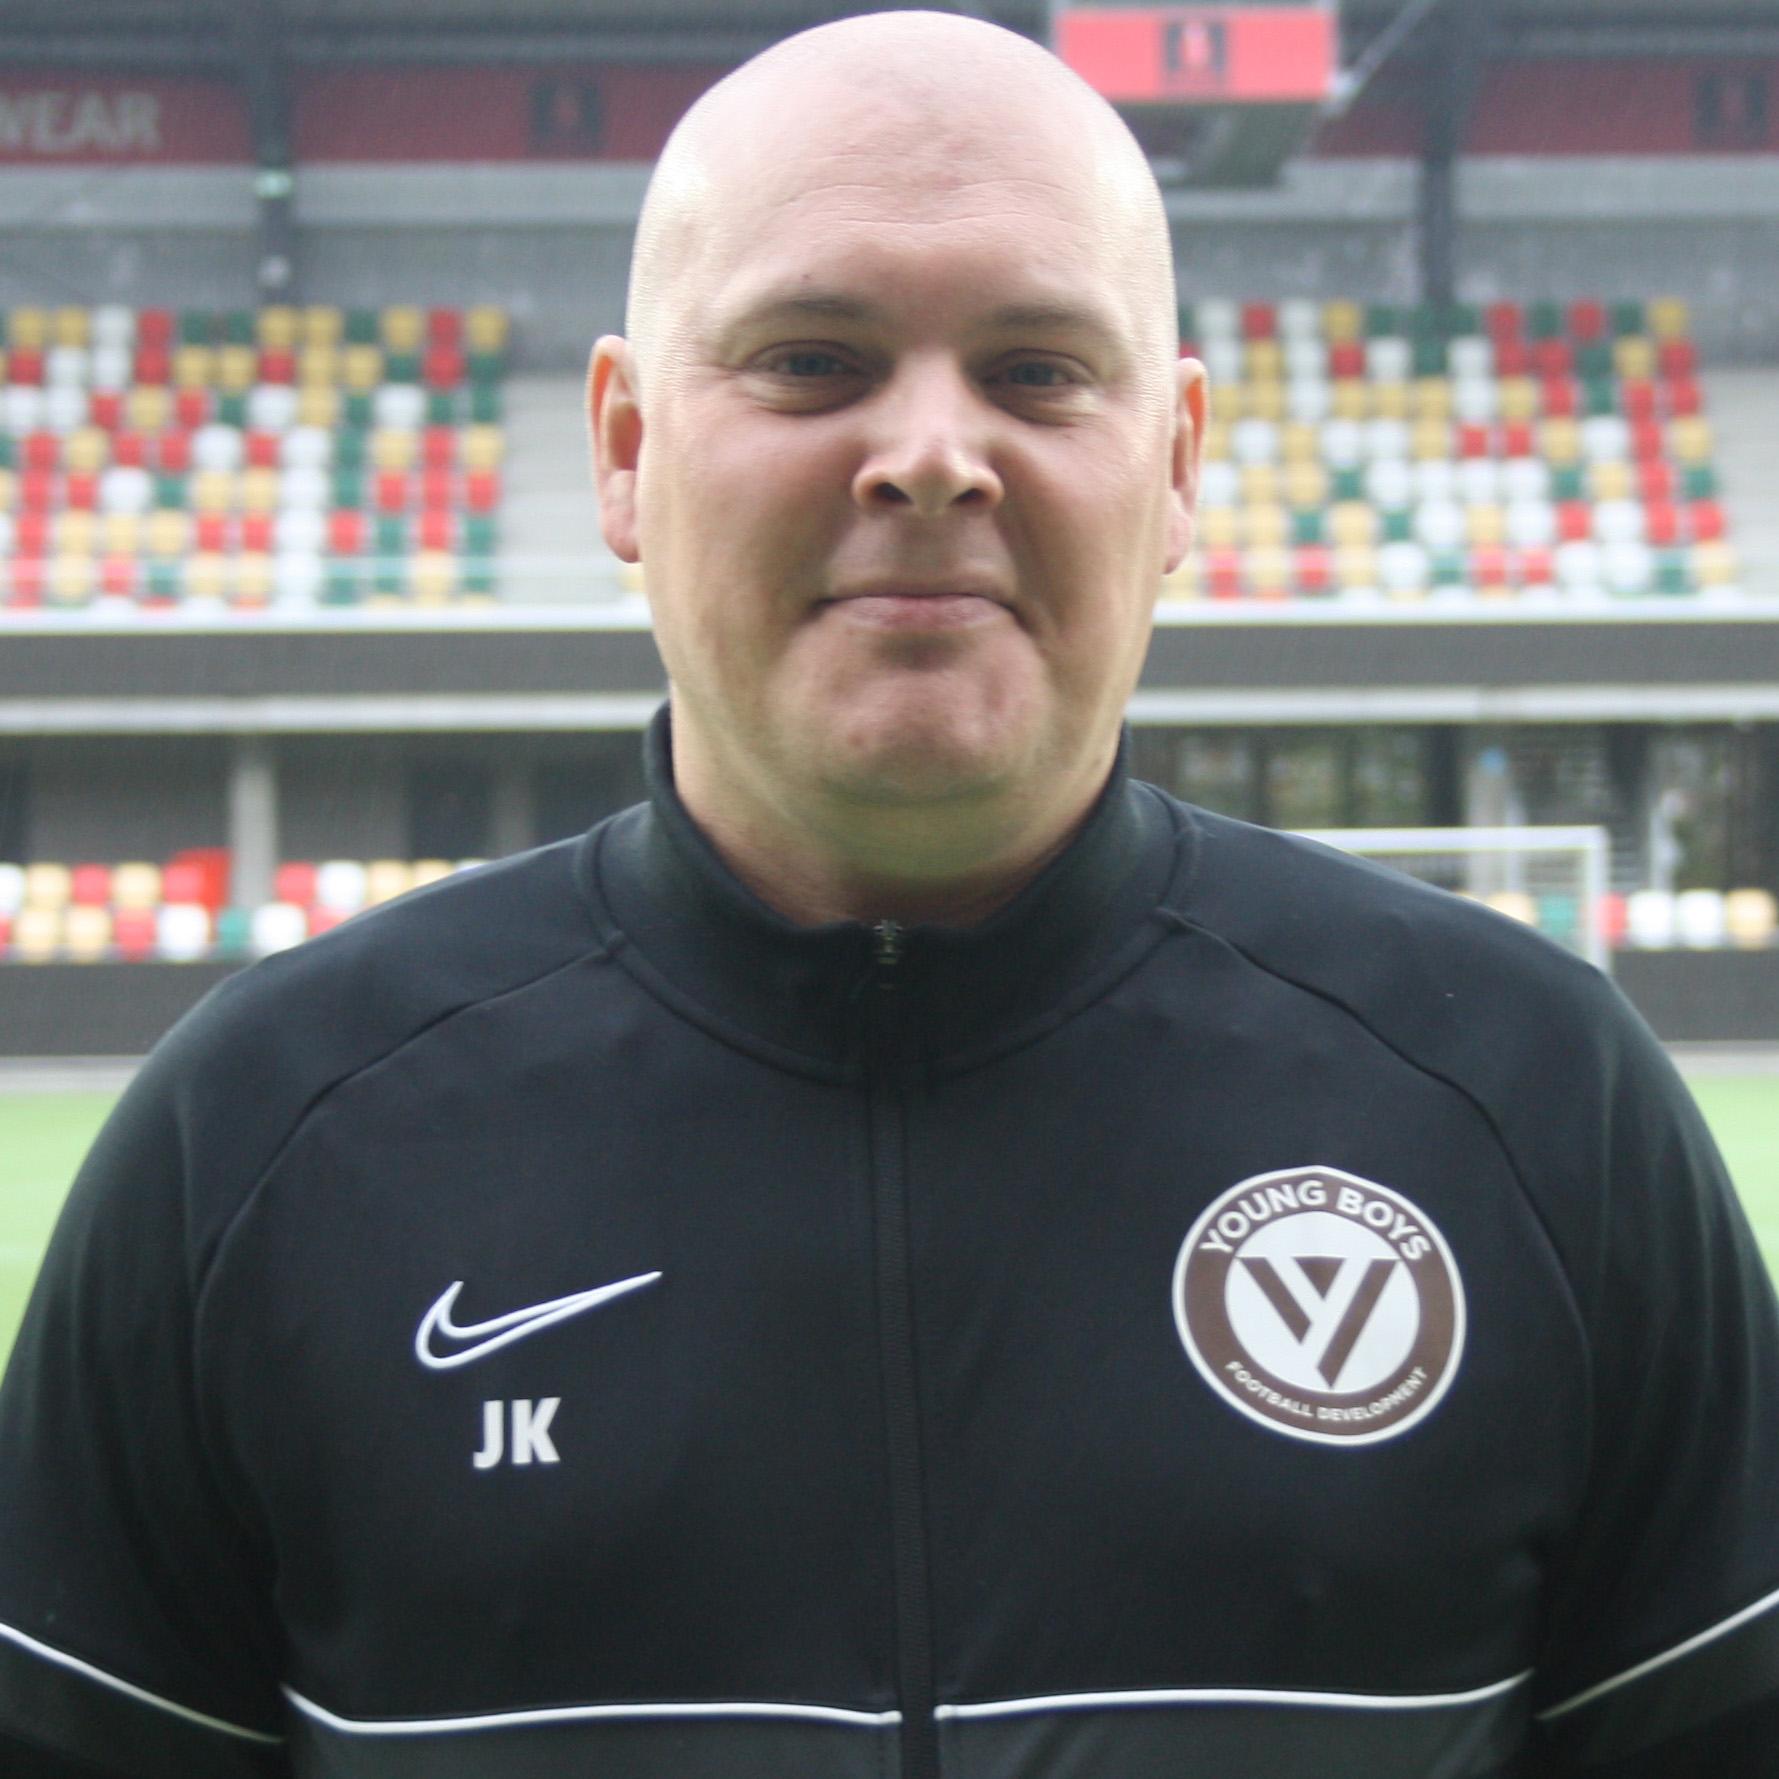 Jonas Knudsen